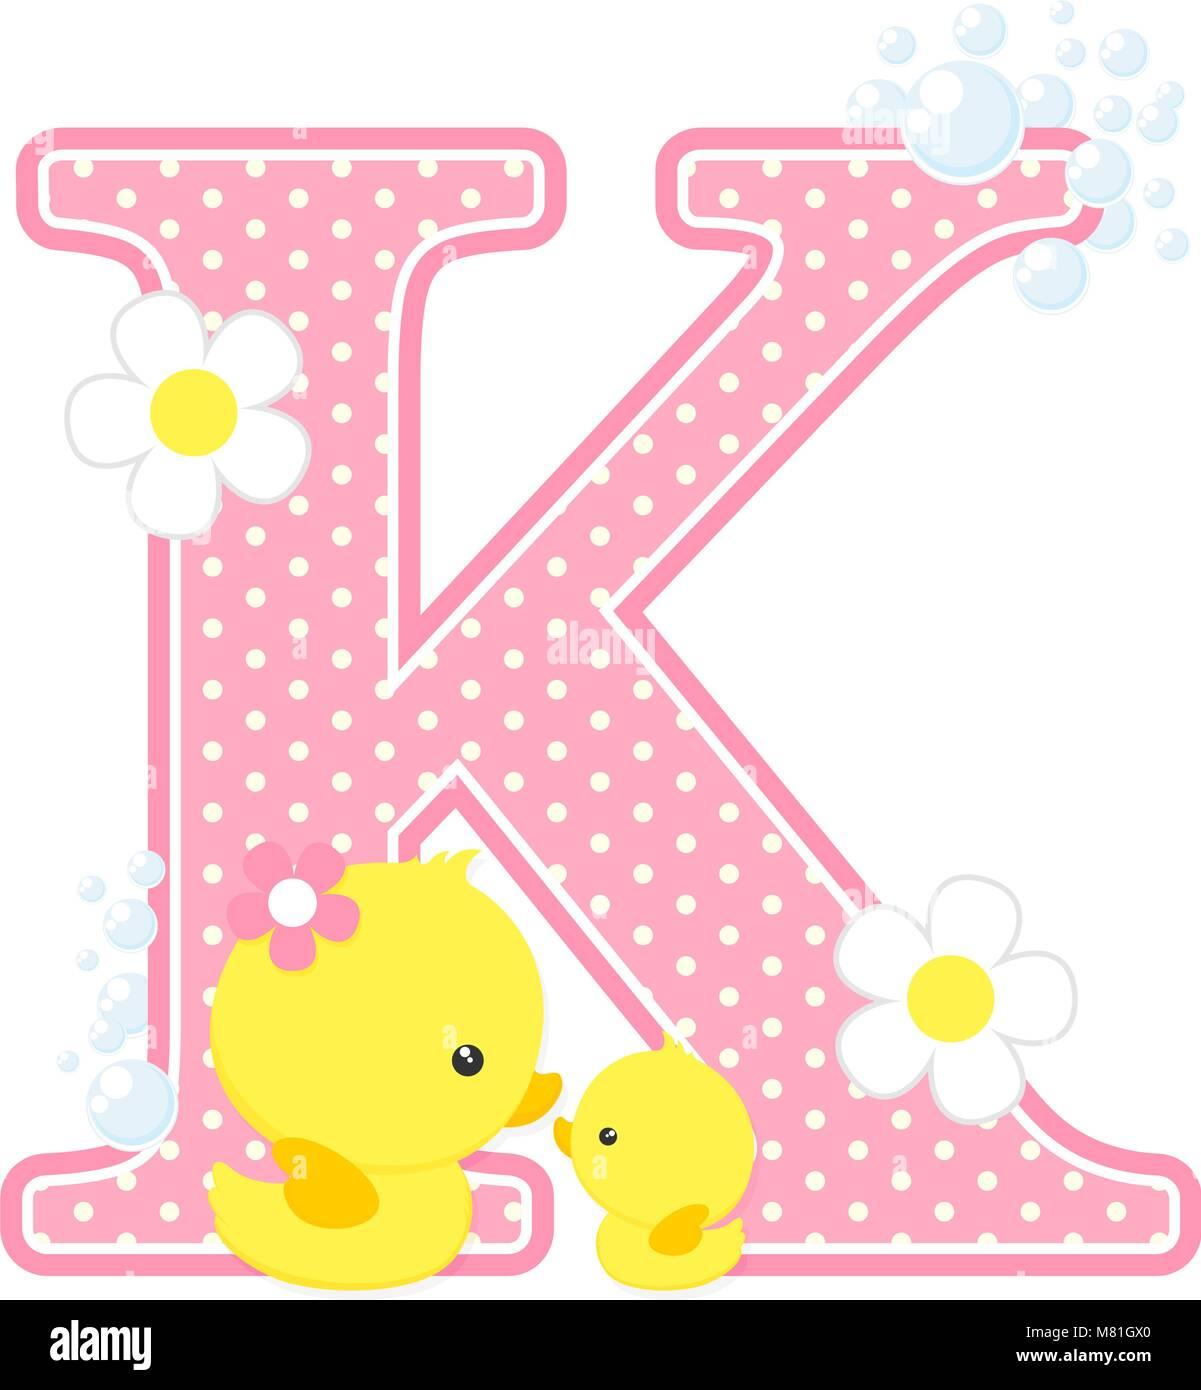 Letter K Vectors Stock Photos & Letter K Vectors Stock Images - Alamy